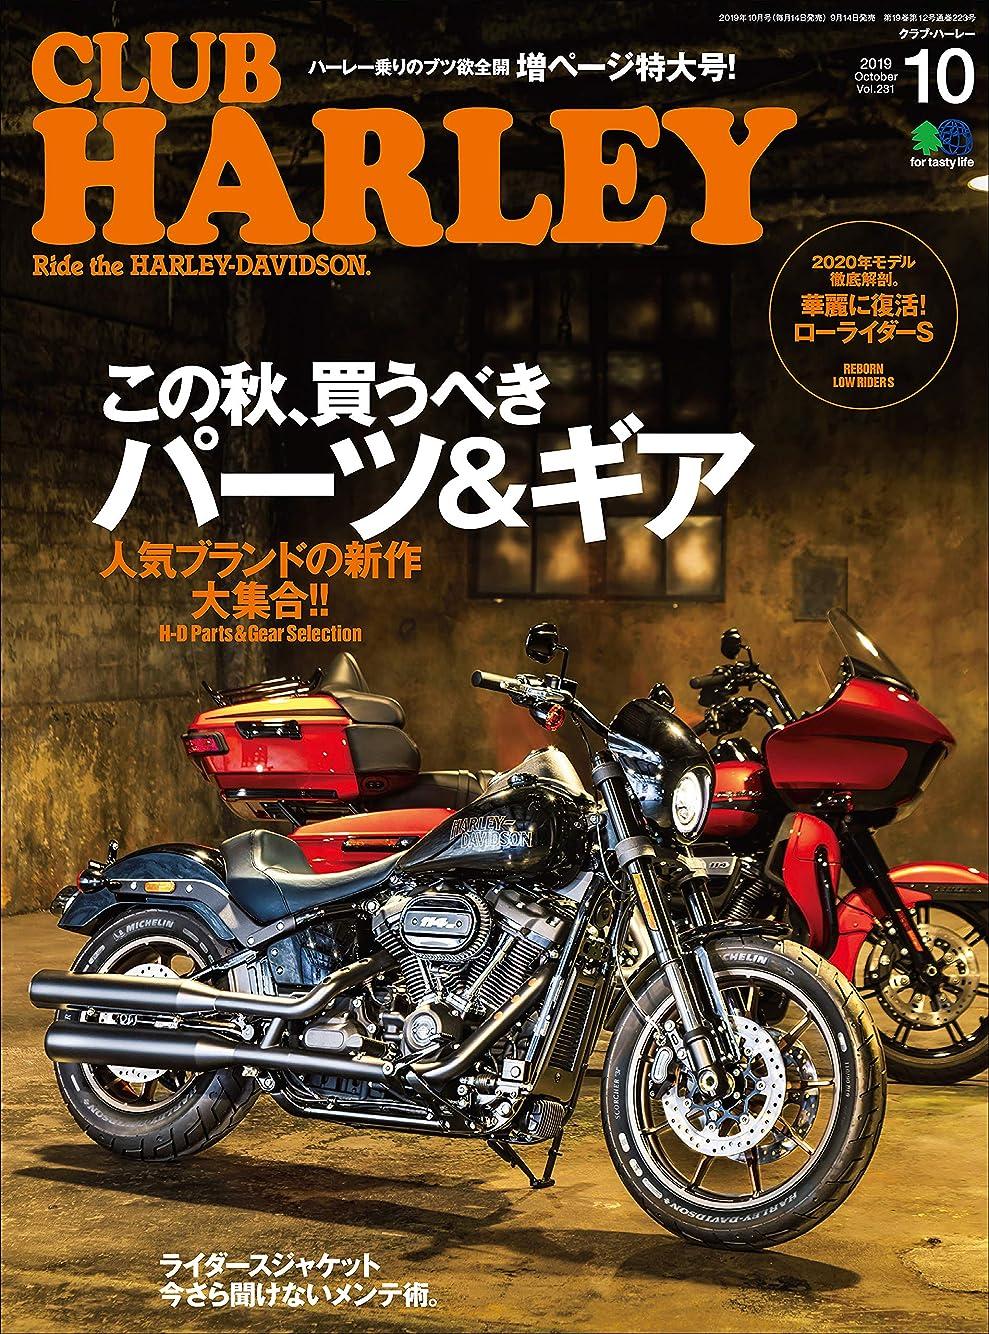 フリッパー地下くすぐったいCLUB HARLEY (クラブハーレー)2019年10月号 Vol.231(この秋、買うべきパーツ&ギア)[雑誌]